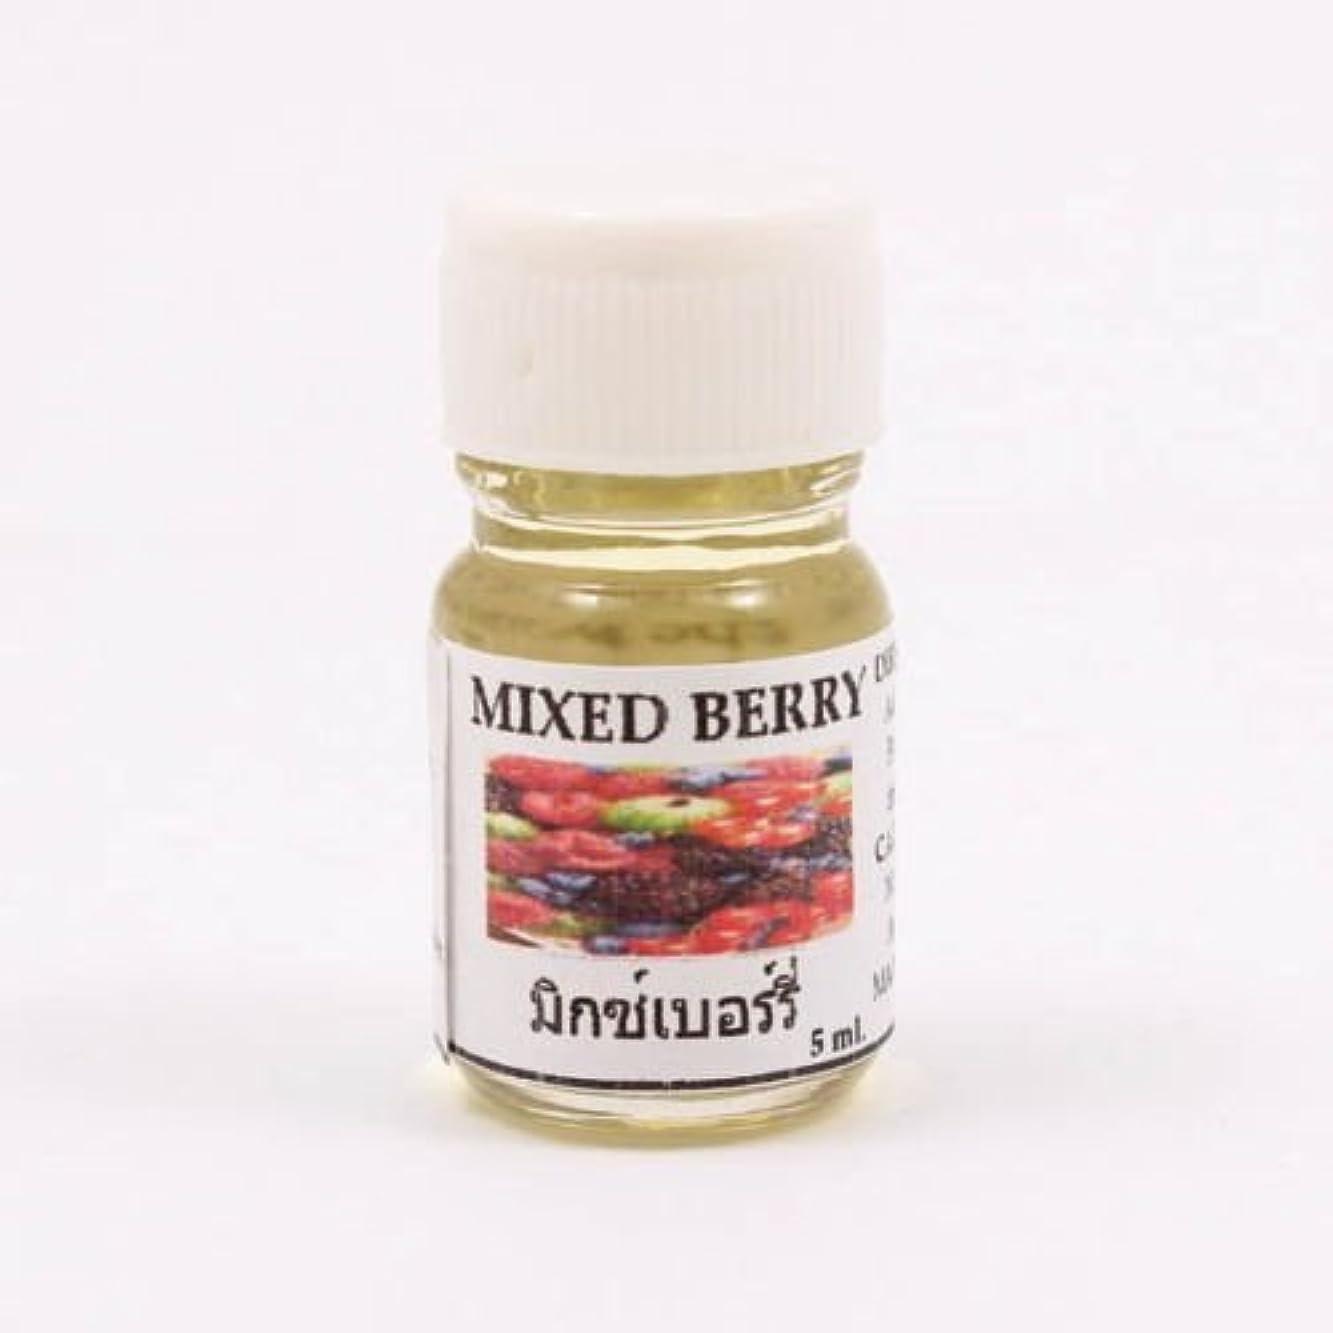 補正艶検出可能6X Mixed Berry Aroma Fragrance Essential Oil 5ML Diffuser Burner Therapy